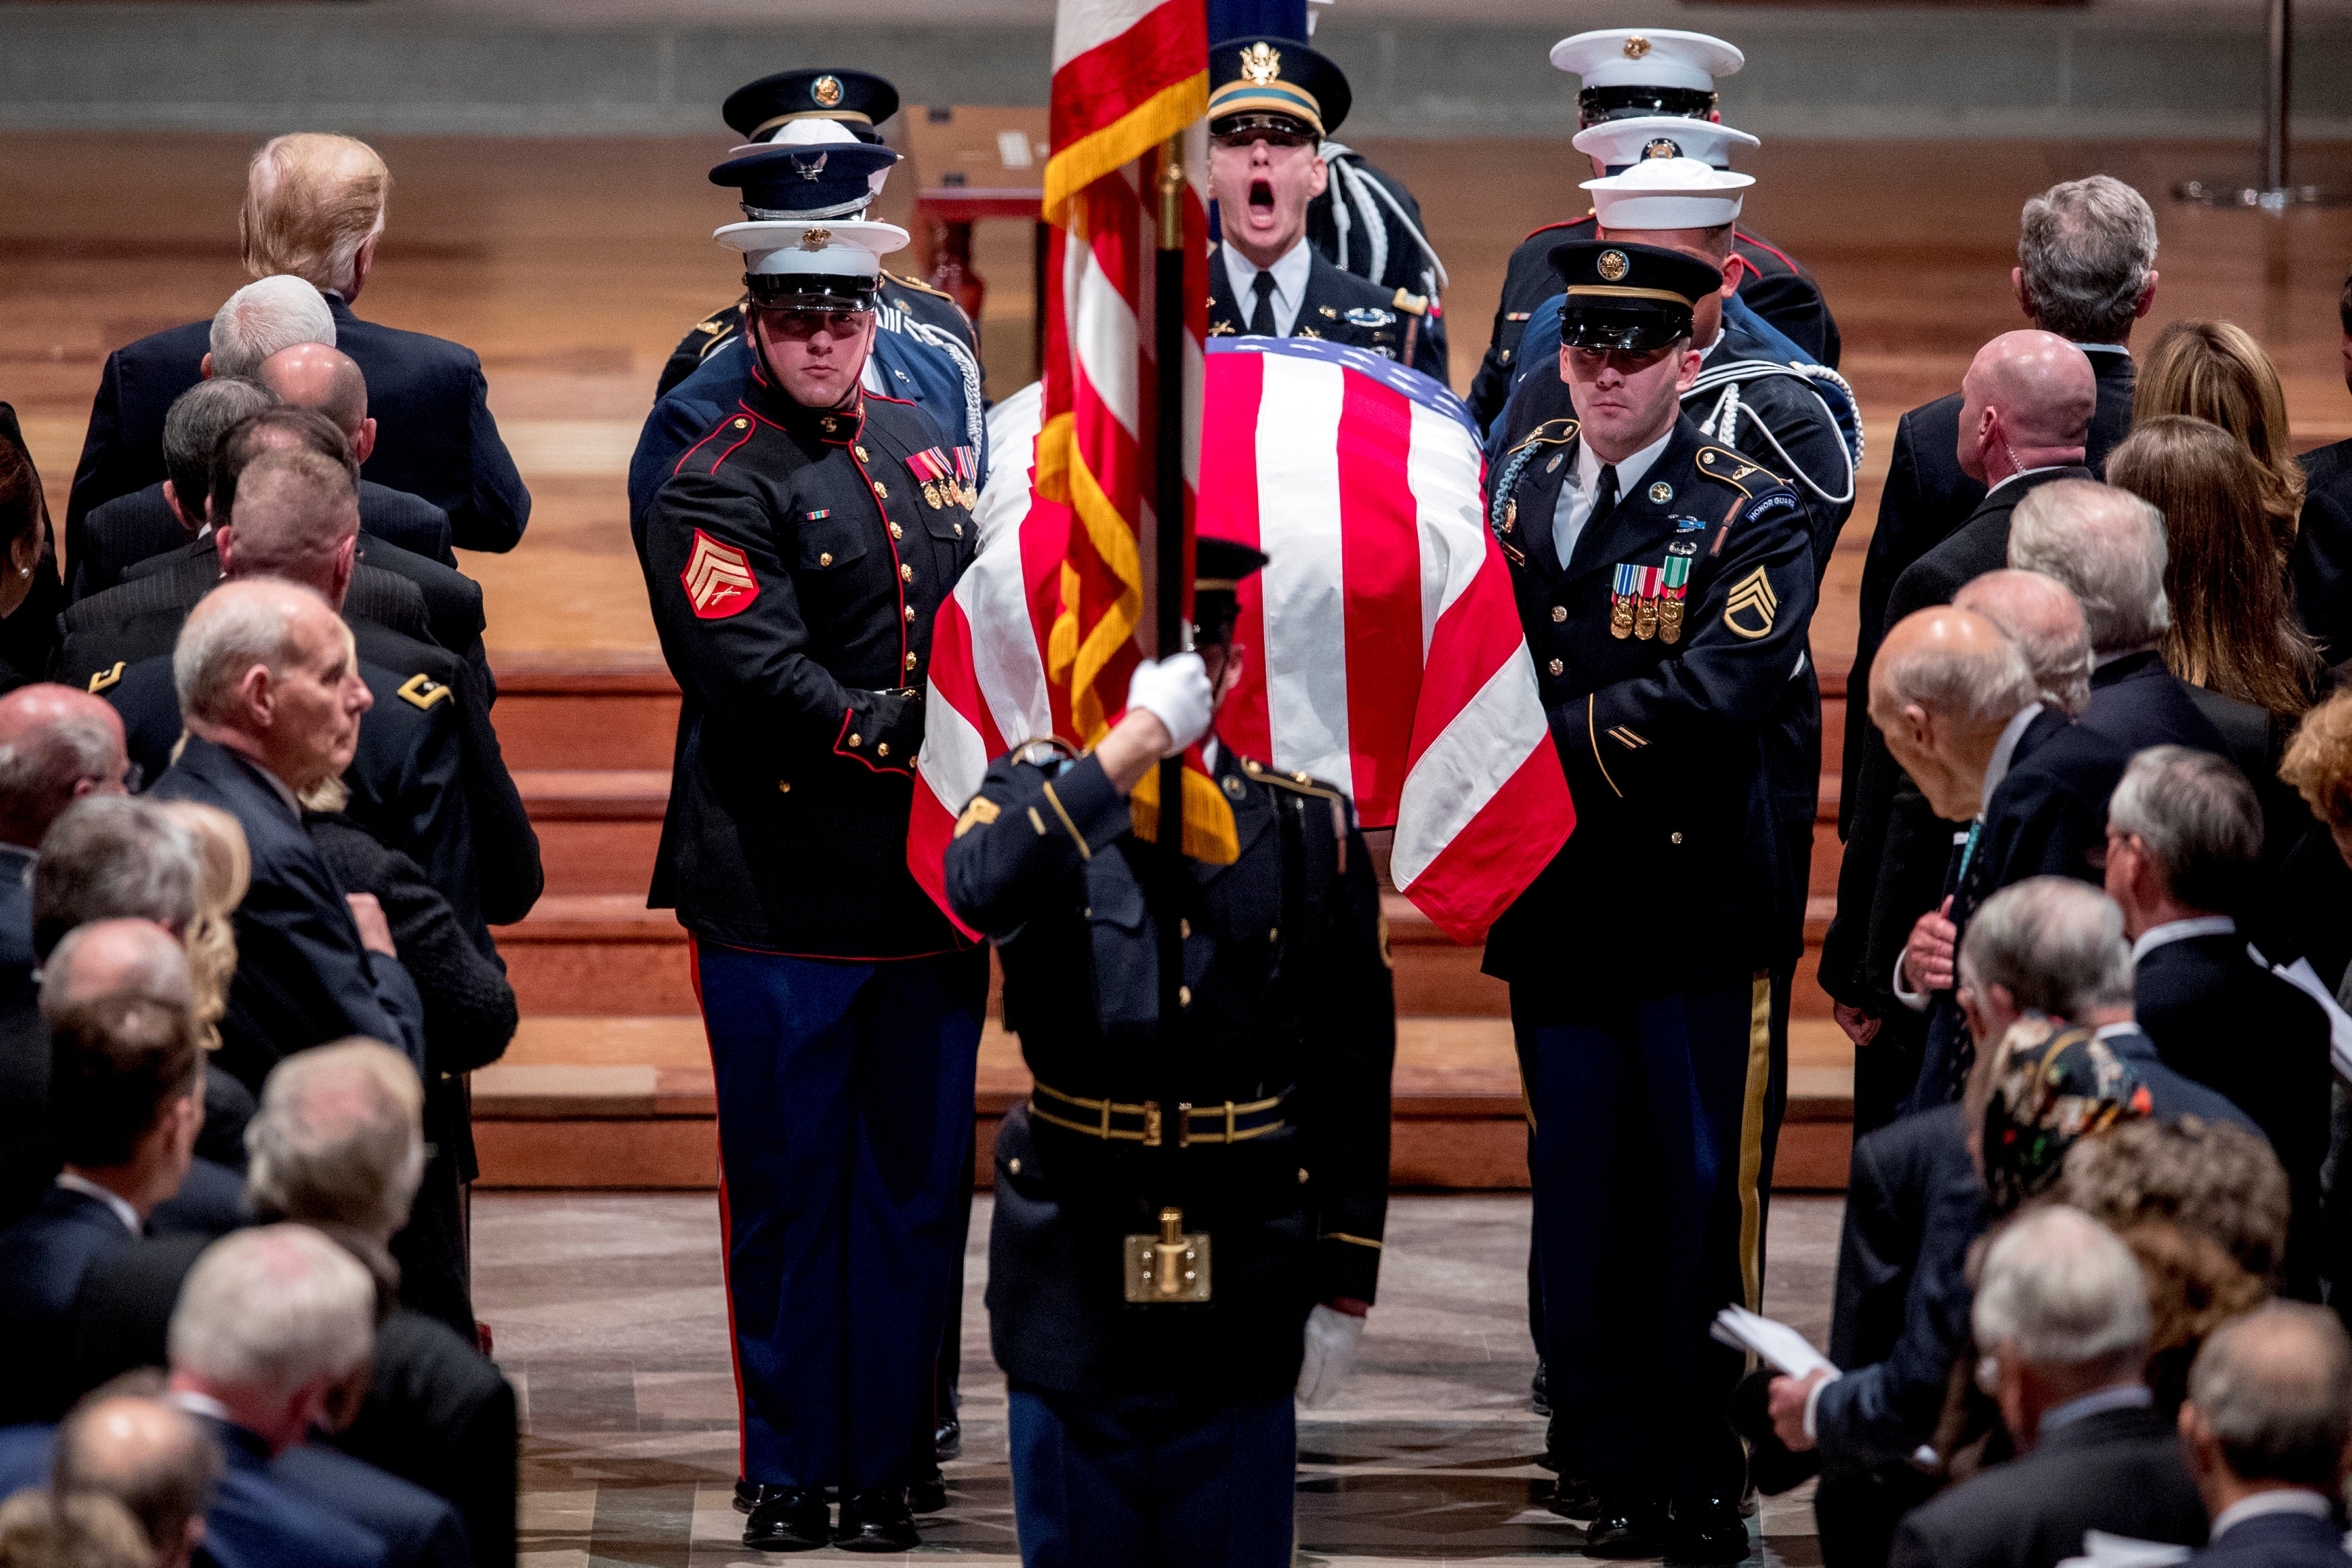 انطلاق مراسم جنازة الرئيس الأمريكى جورج بوش الأب (6)